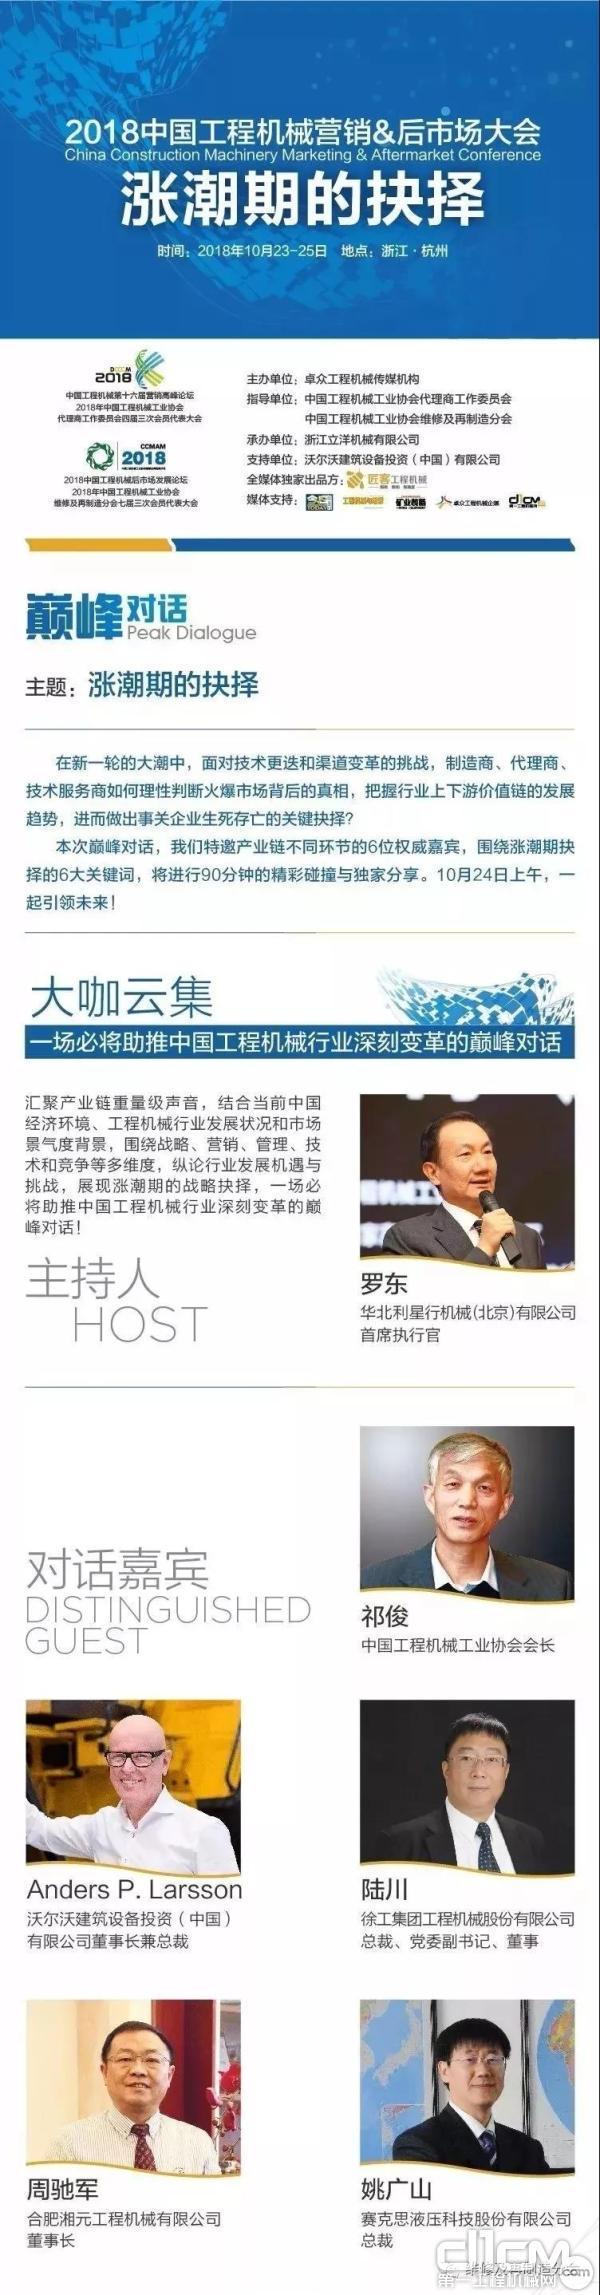 2018中国工程机械营销&后市场大会 大咖云集 巅峰对话